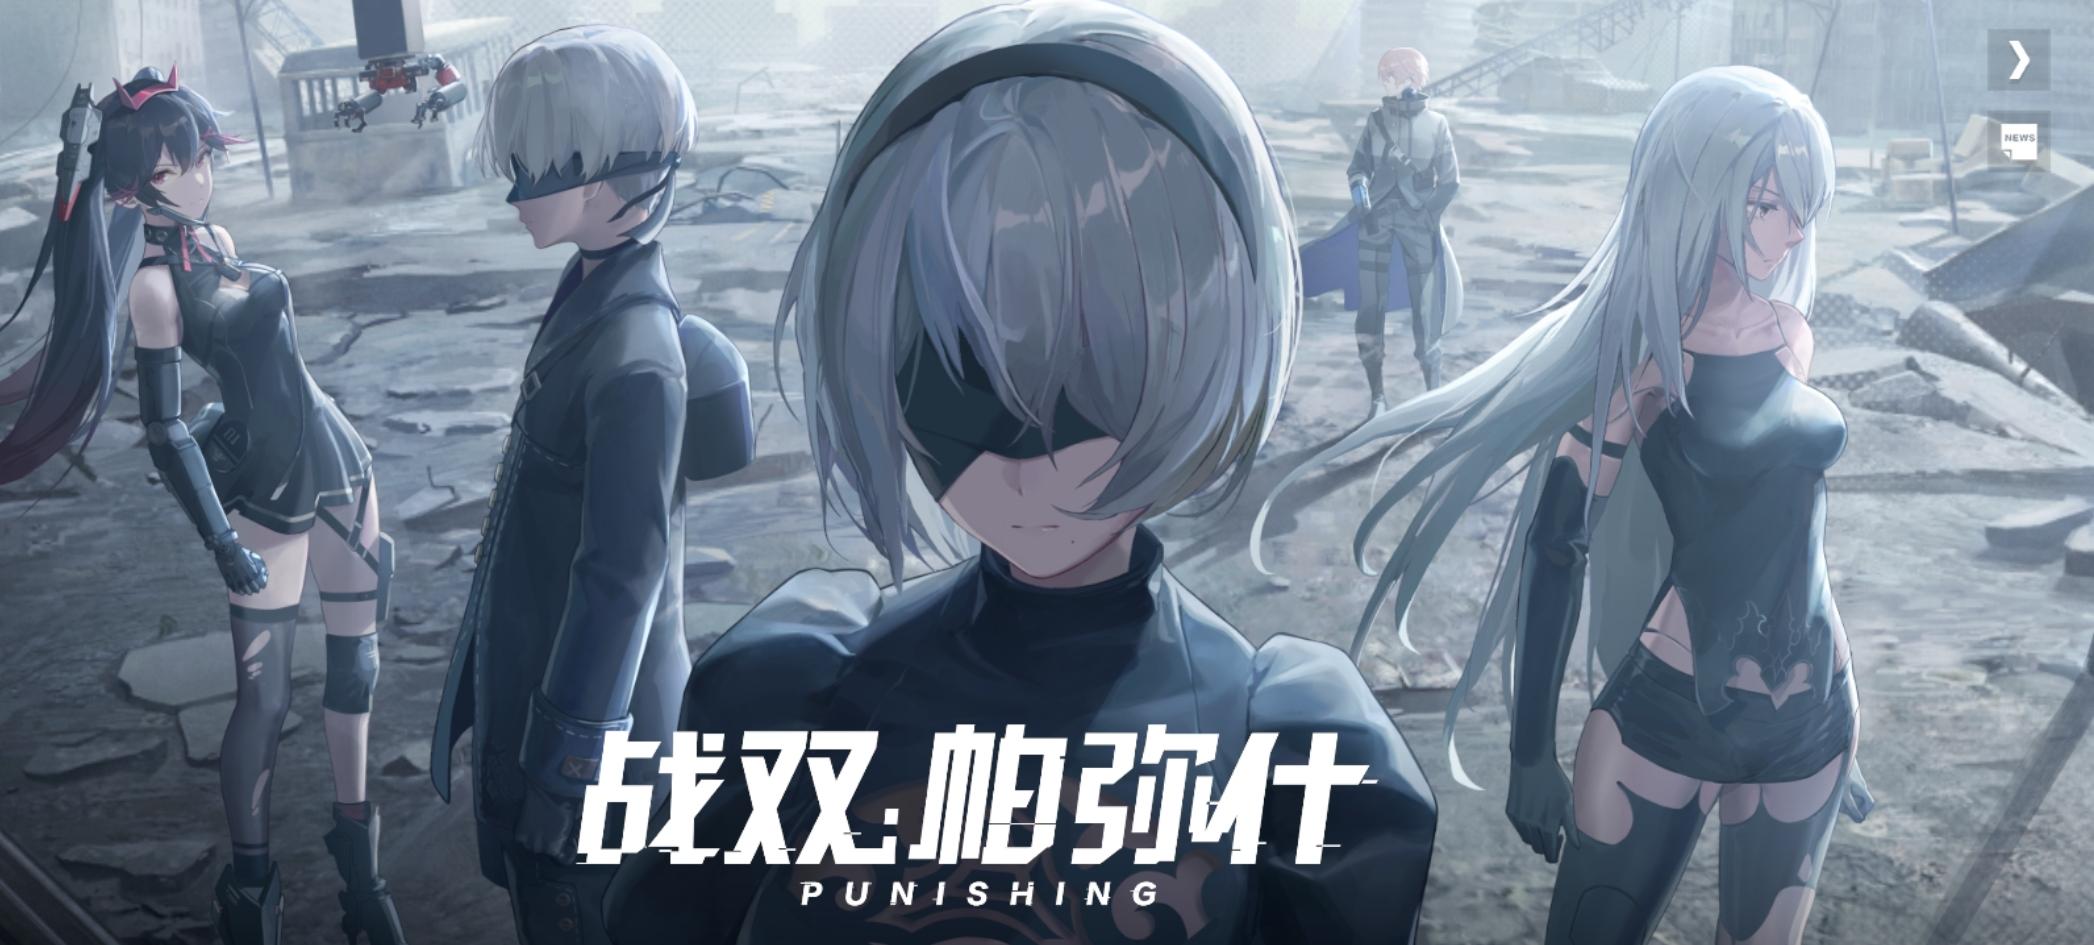 Punishing 1112021 1